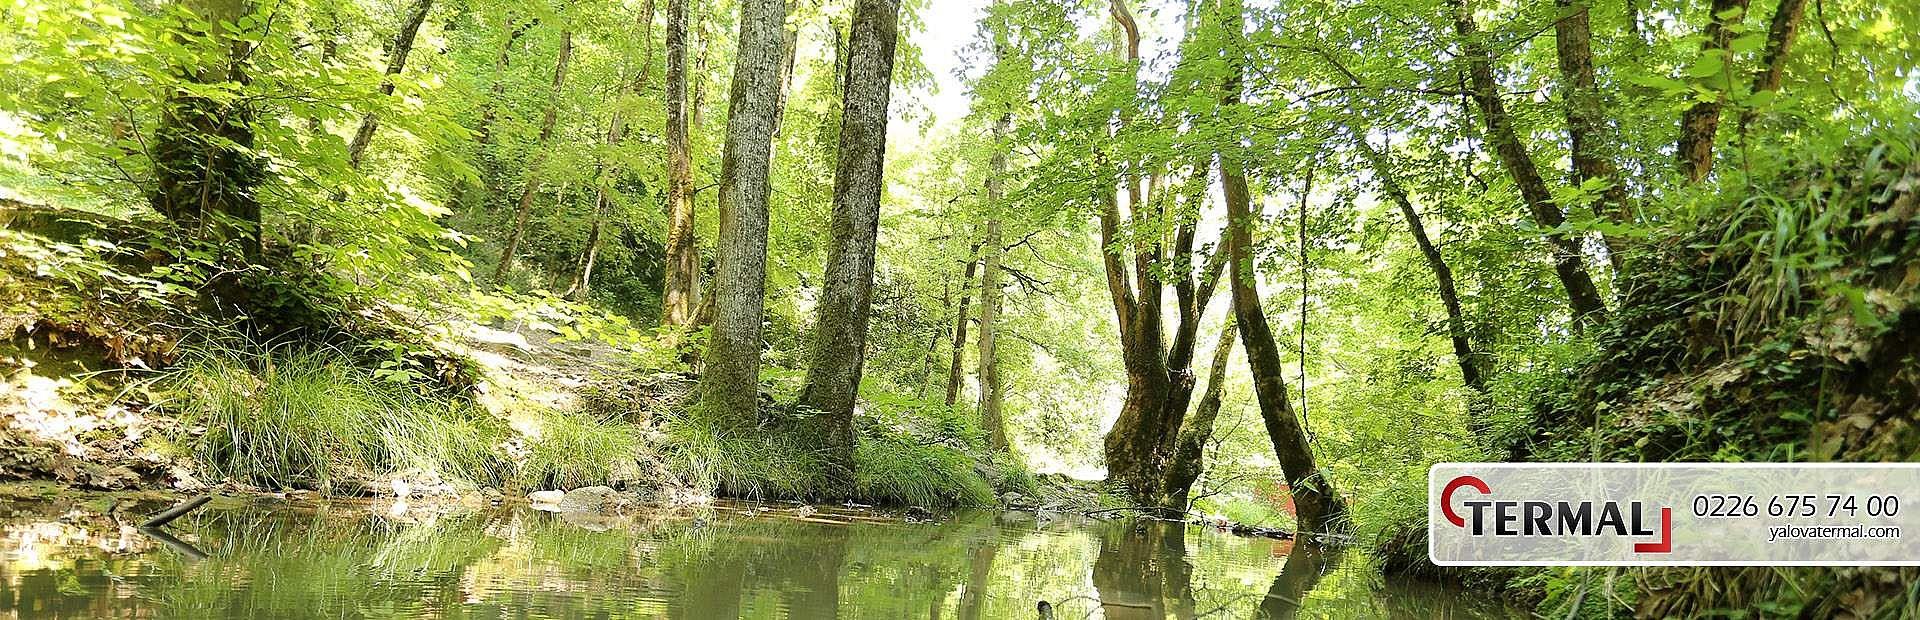 Termal Kaplıcaları | Yalova TÜRKİYE